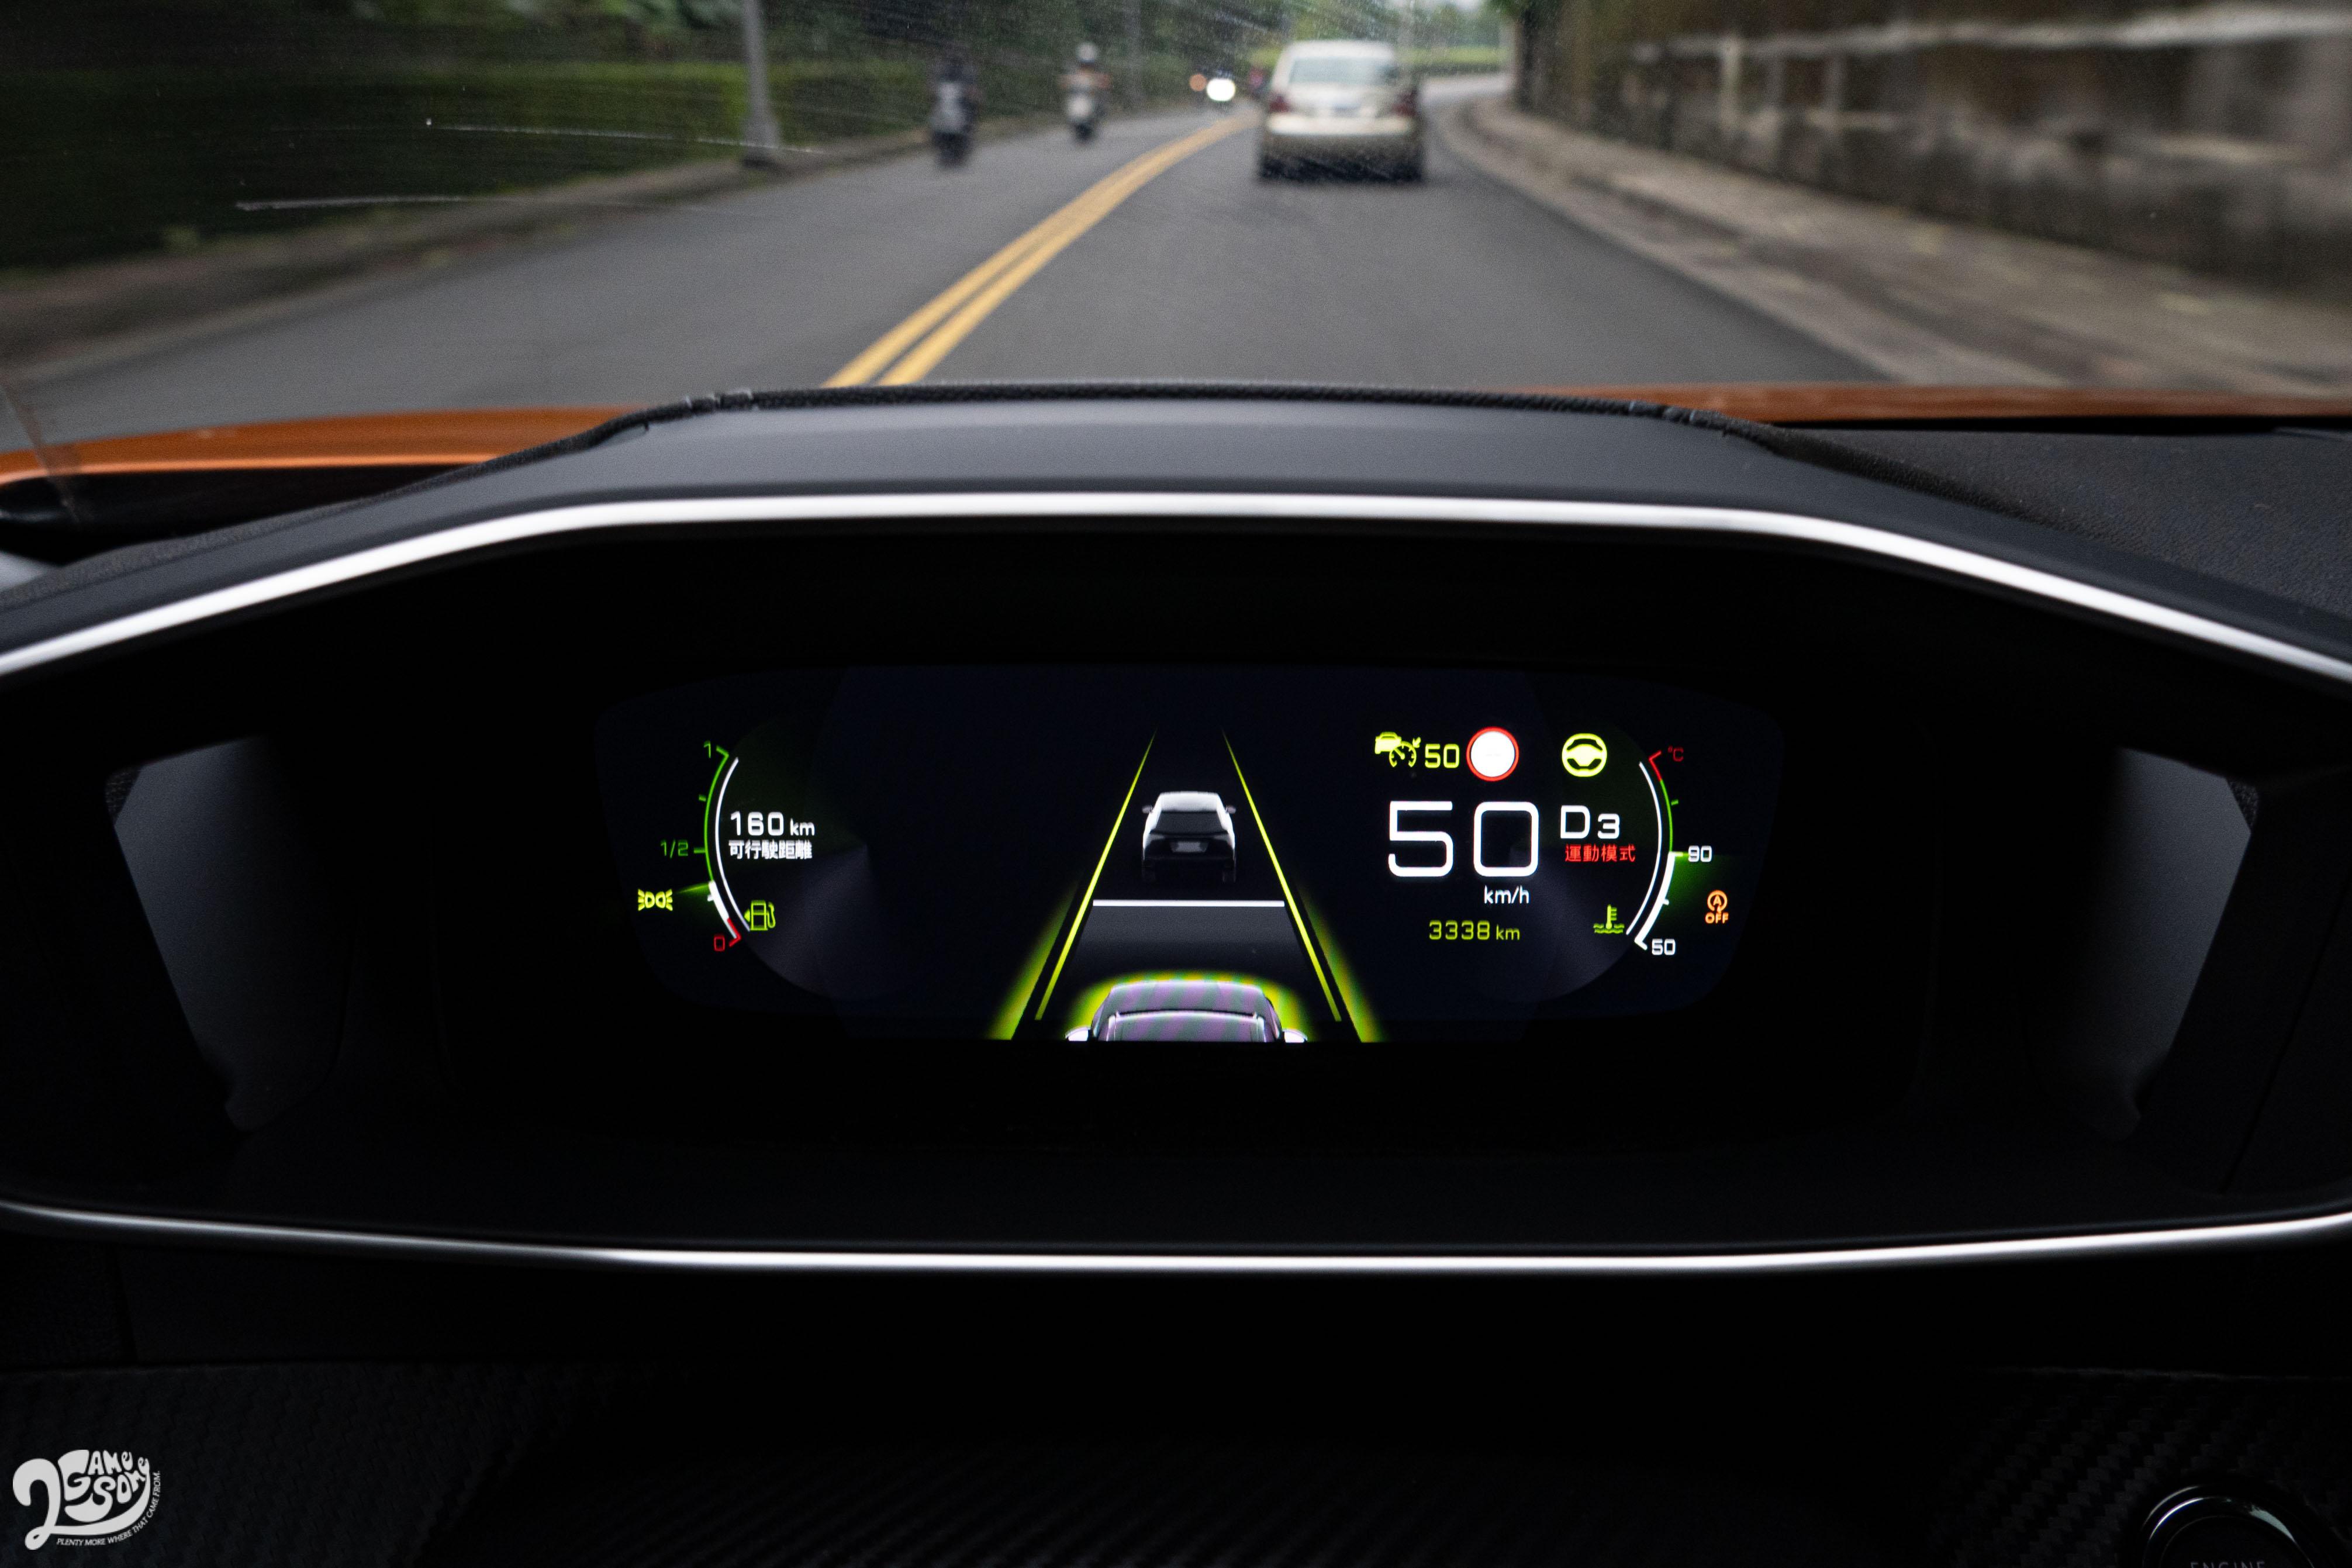 2008 具有 Level 2 自動駕駛輔助能力。